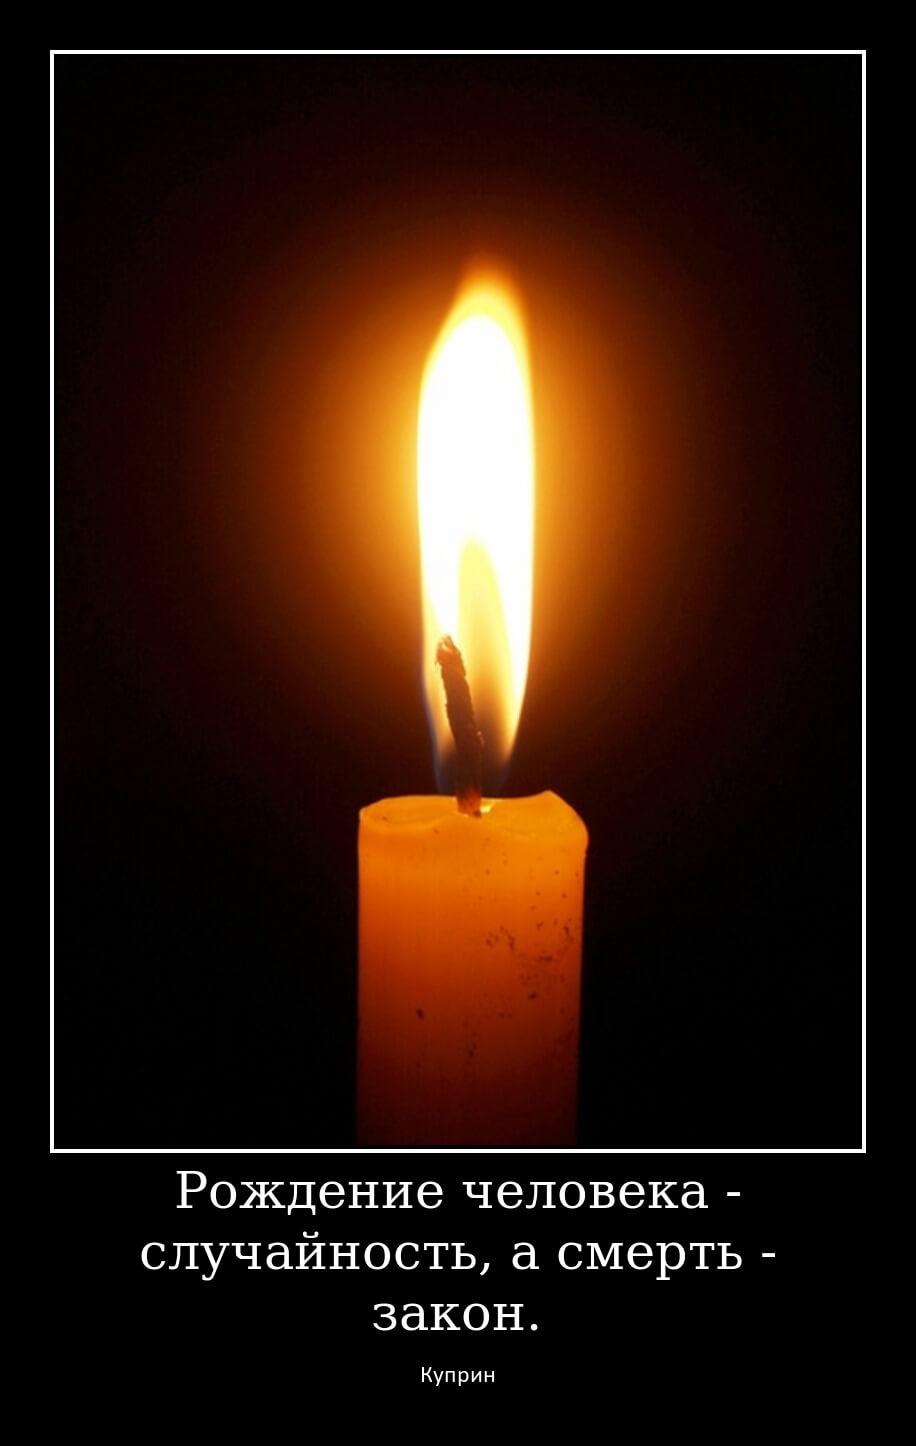 Рождение человека - случайность, а смерть - закон.